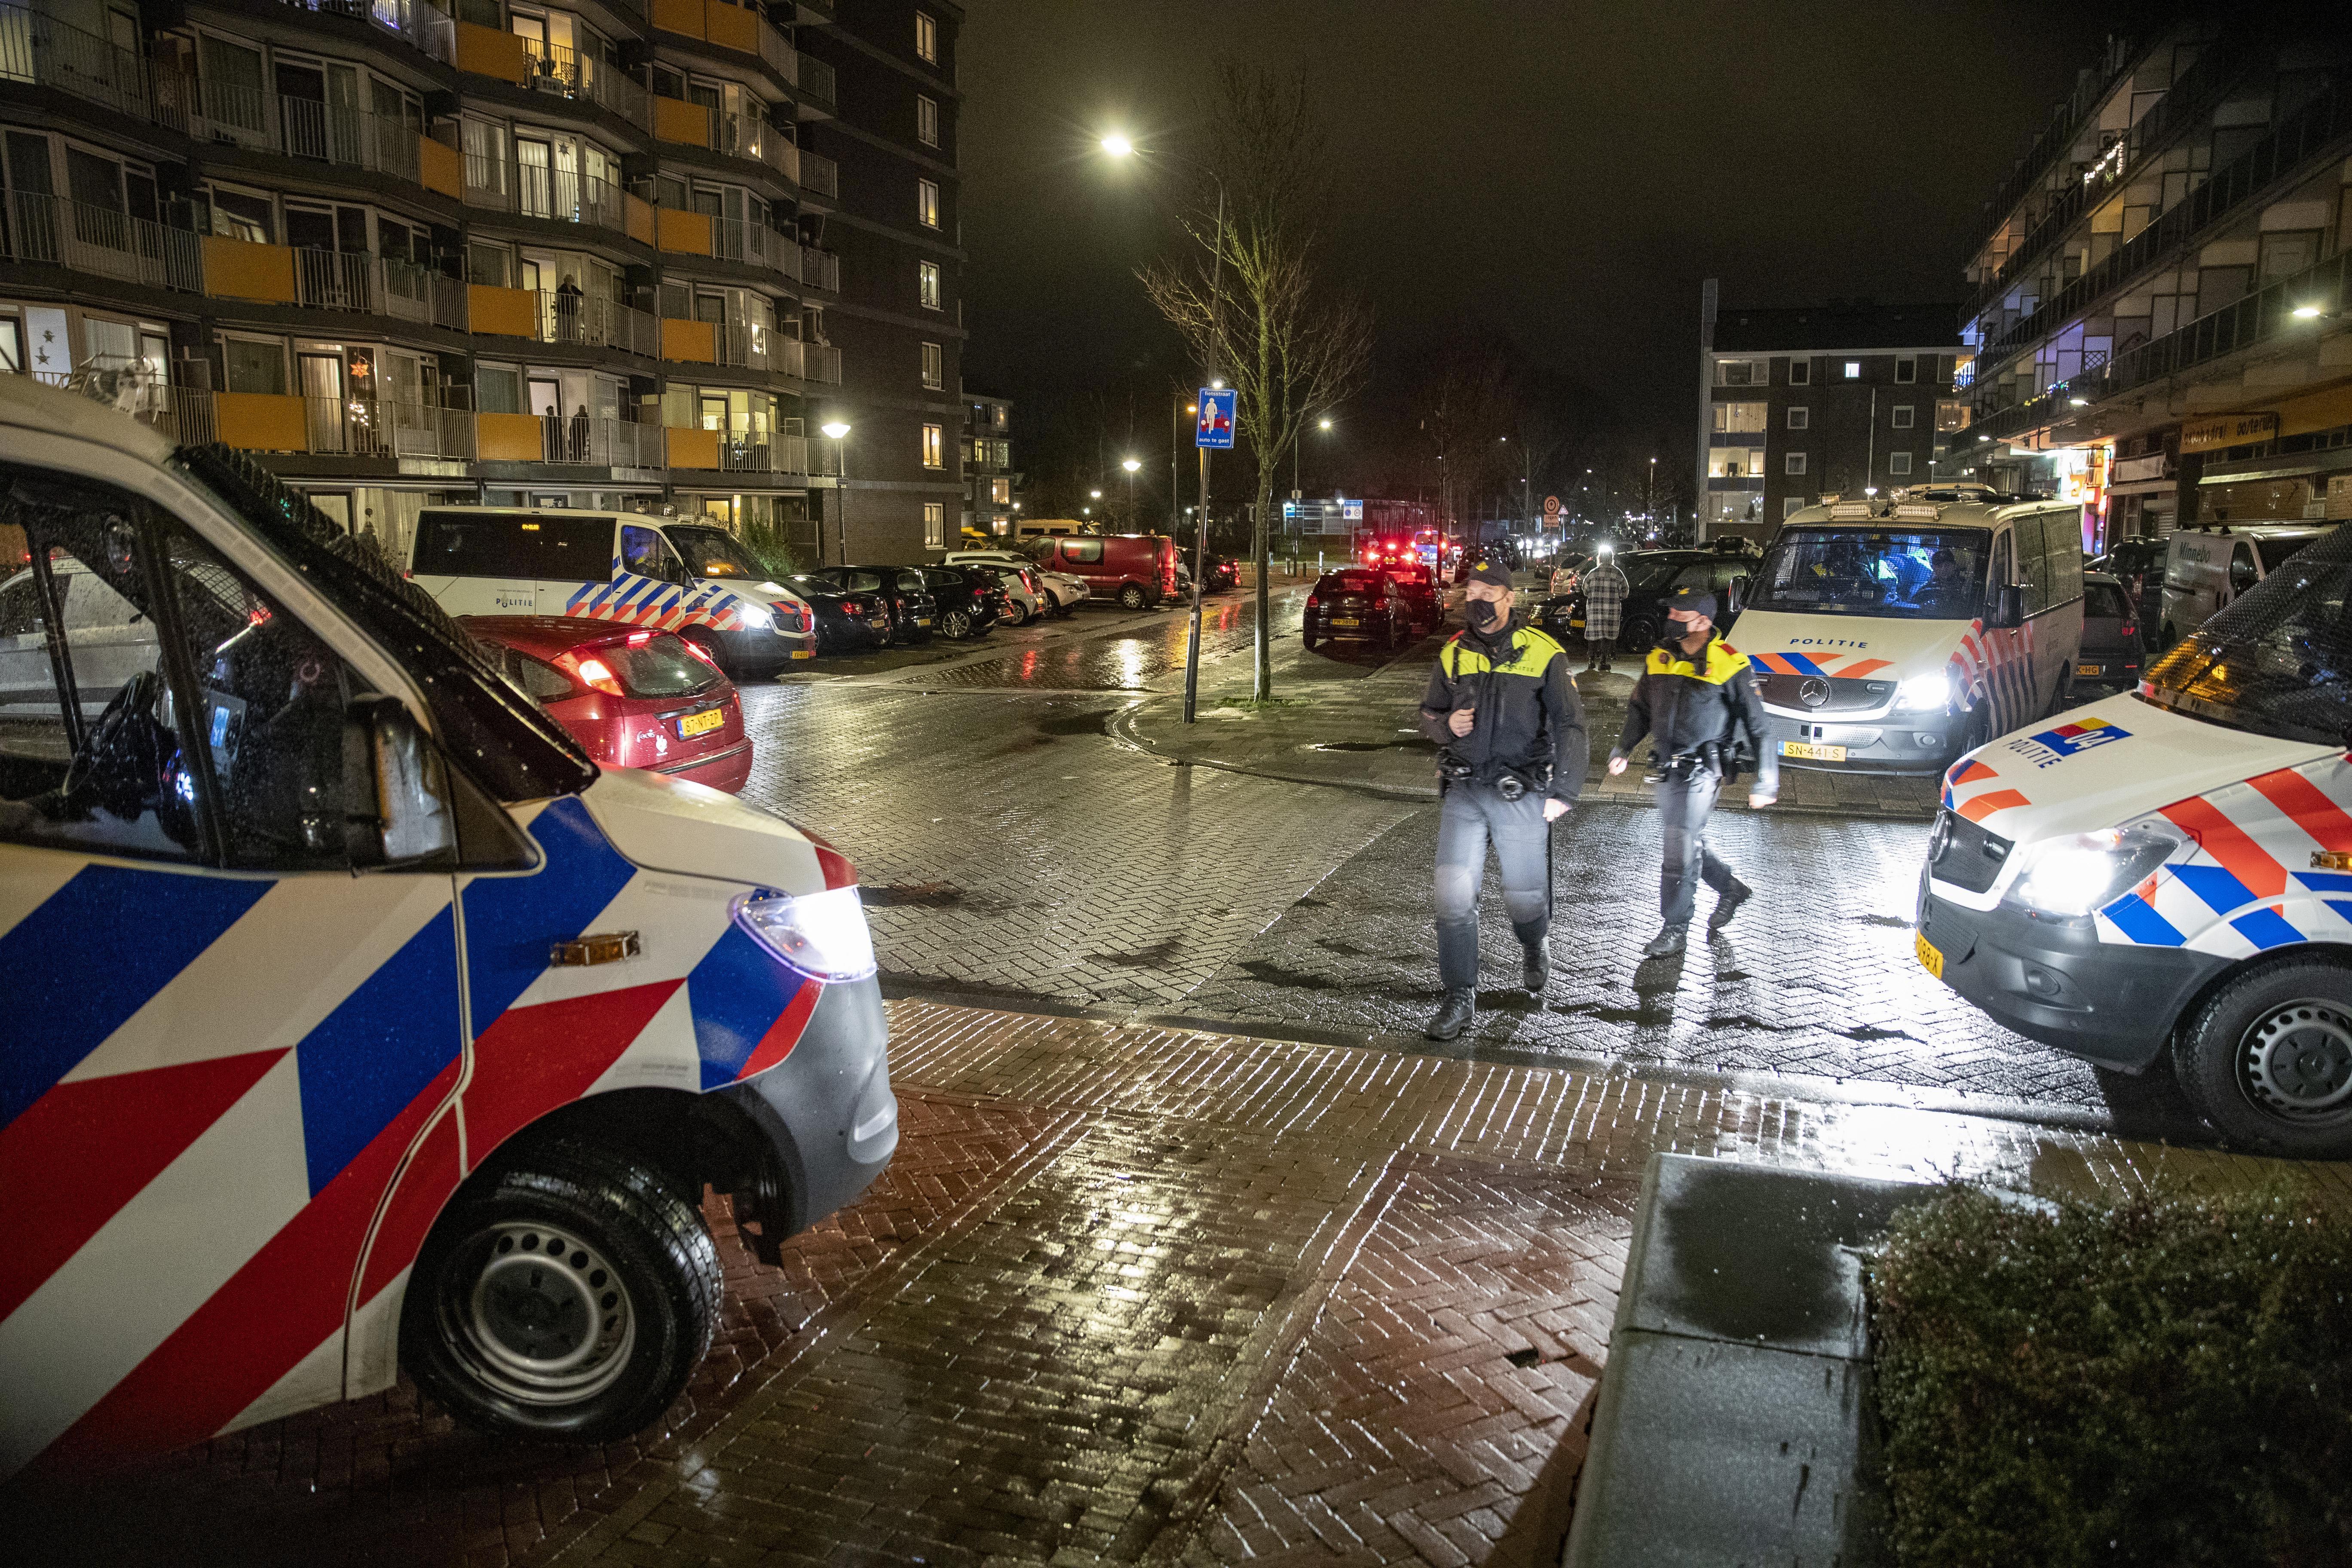 De wijk onder curatele van politie in de IJmond: Het werkte. 'Als er incidenten zijn geweest, moet je met een stevig antwoord komen'